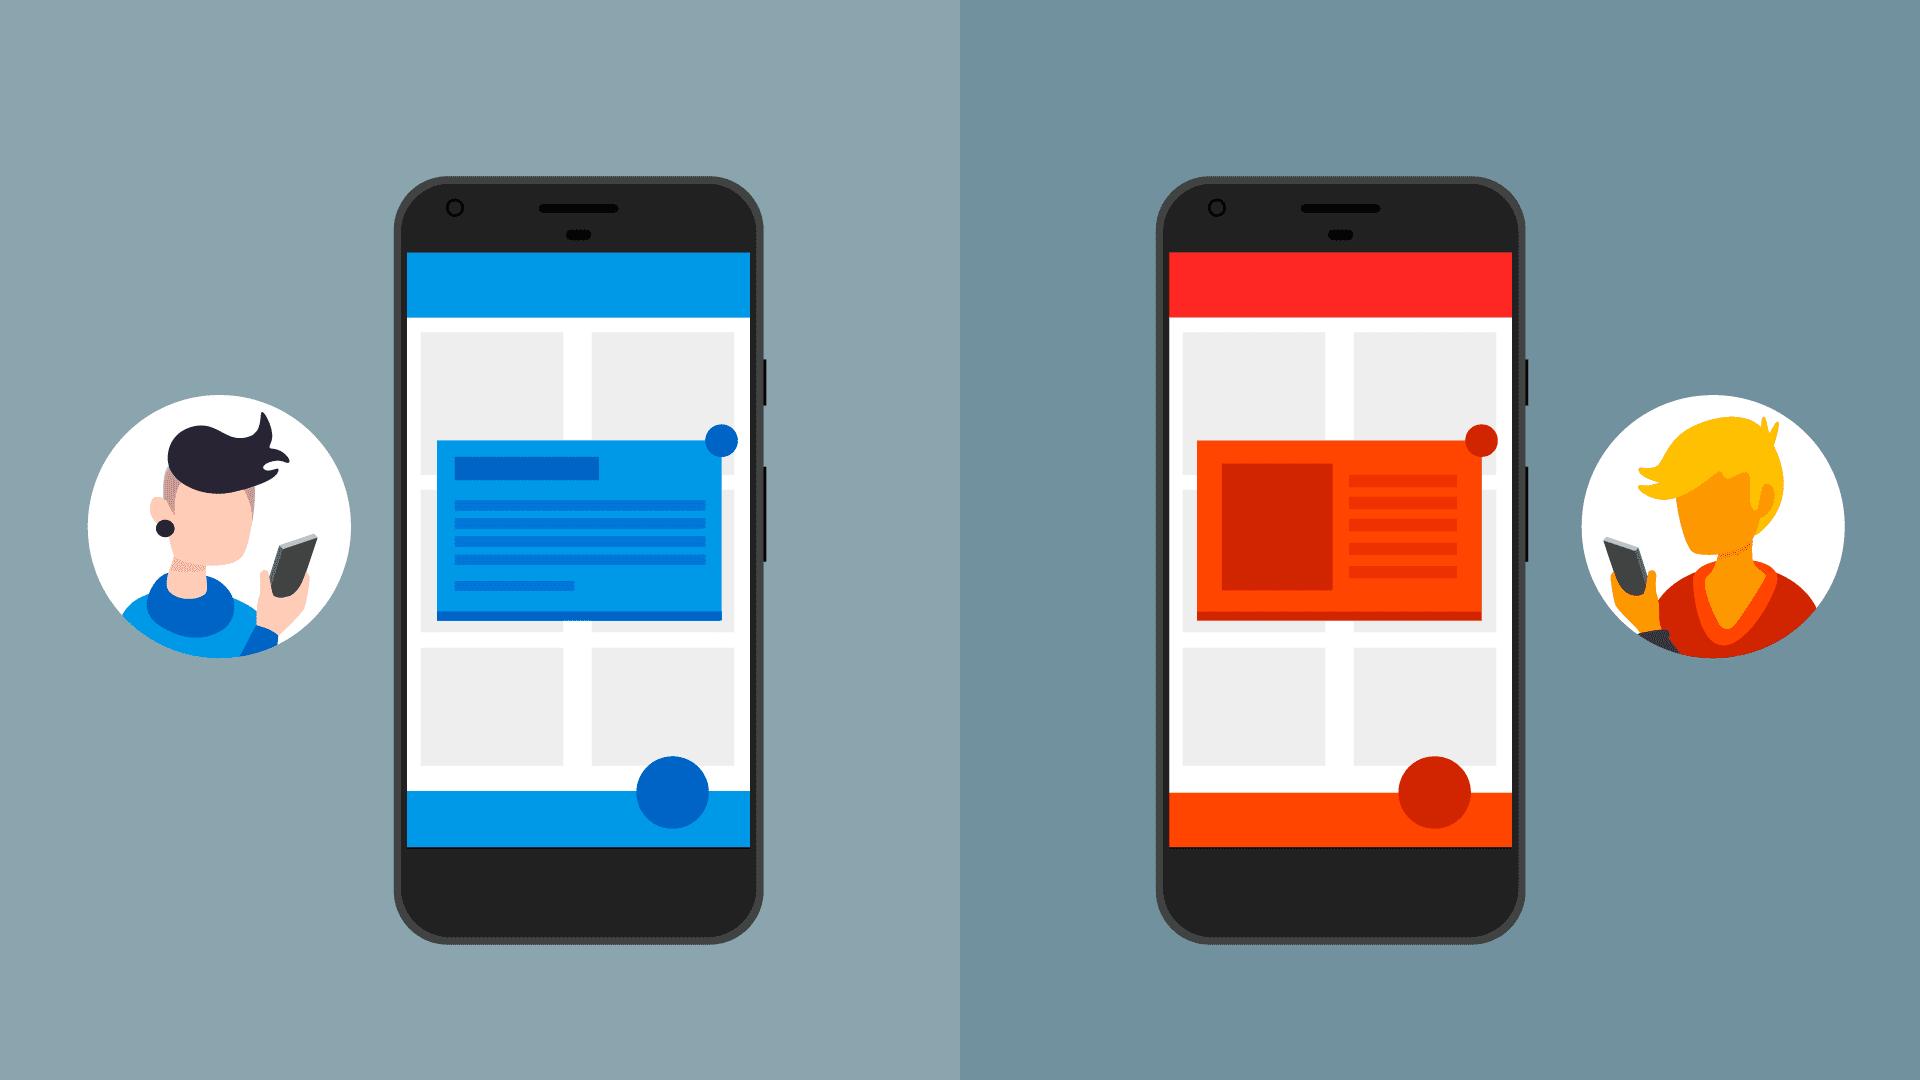 Два сообщения в приложении с разными стилями